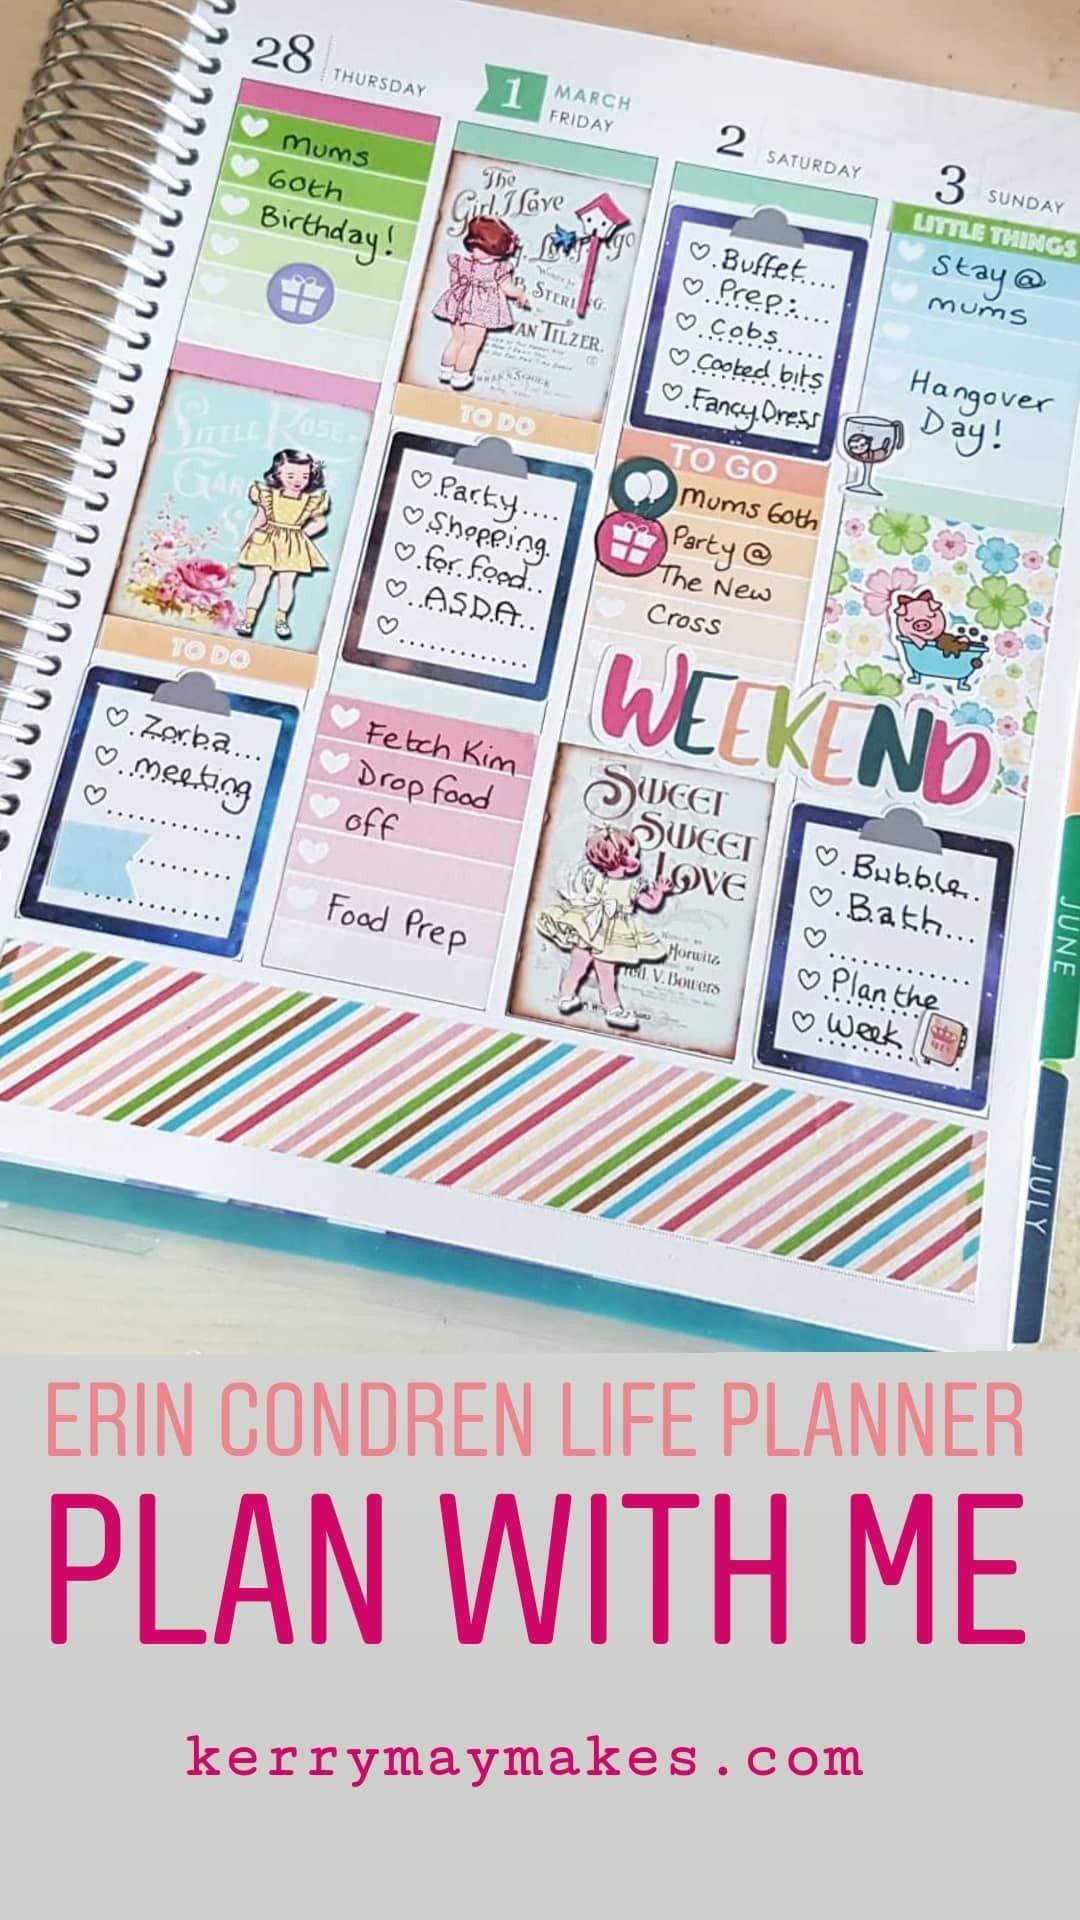 Erin Condren Life Planner Pwm Erin Condren Life Planner Life Planner Erin Condren